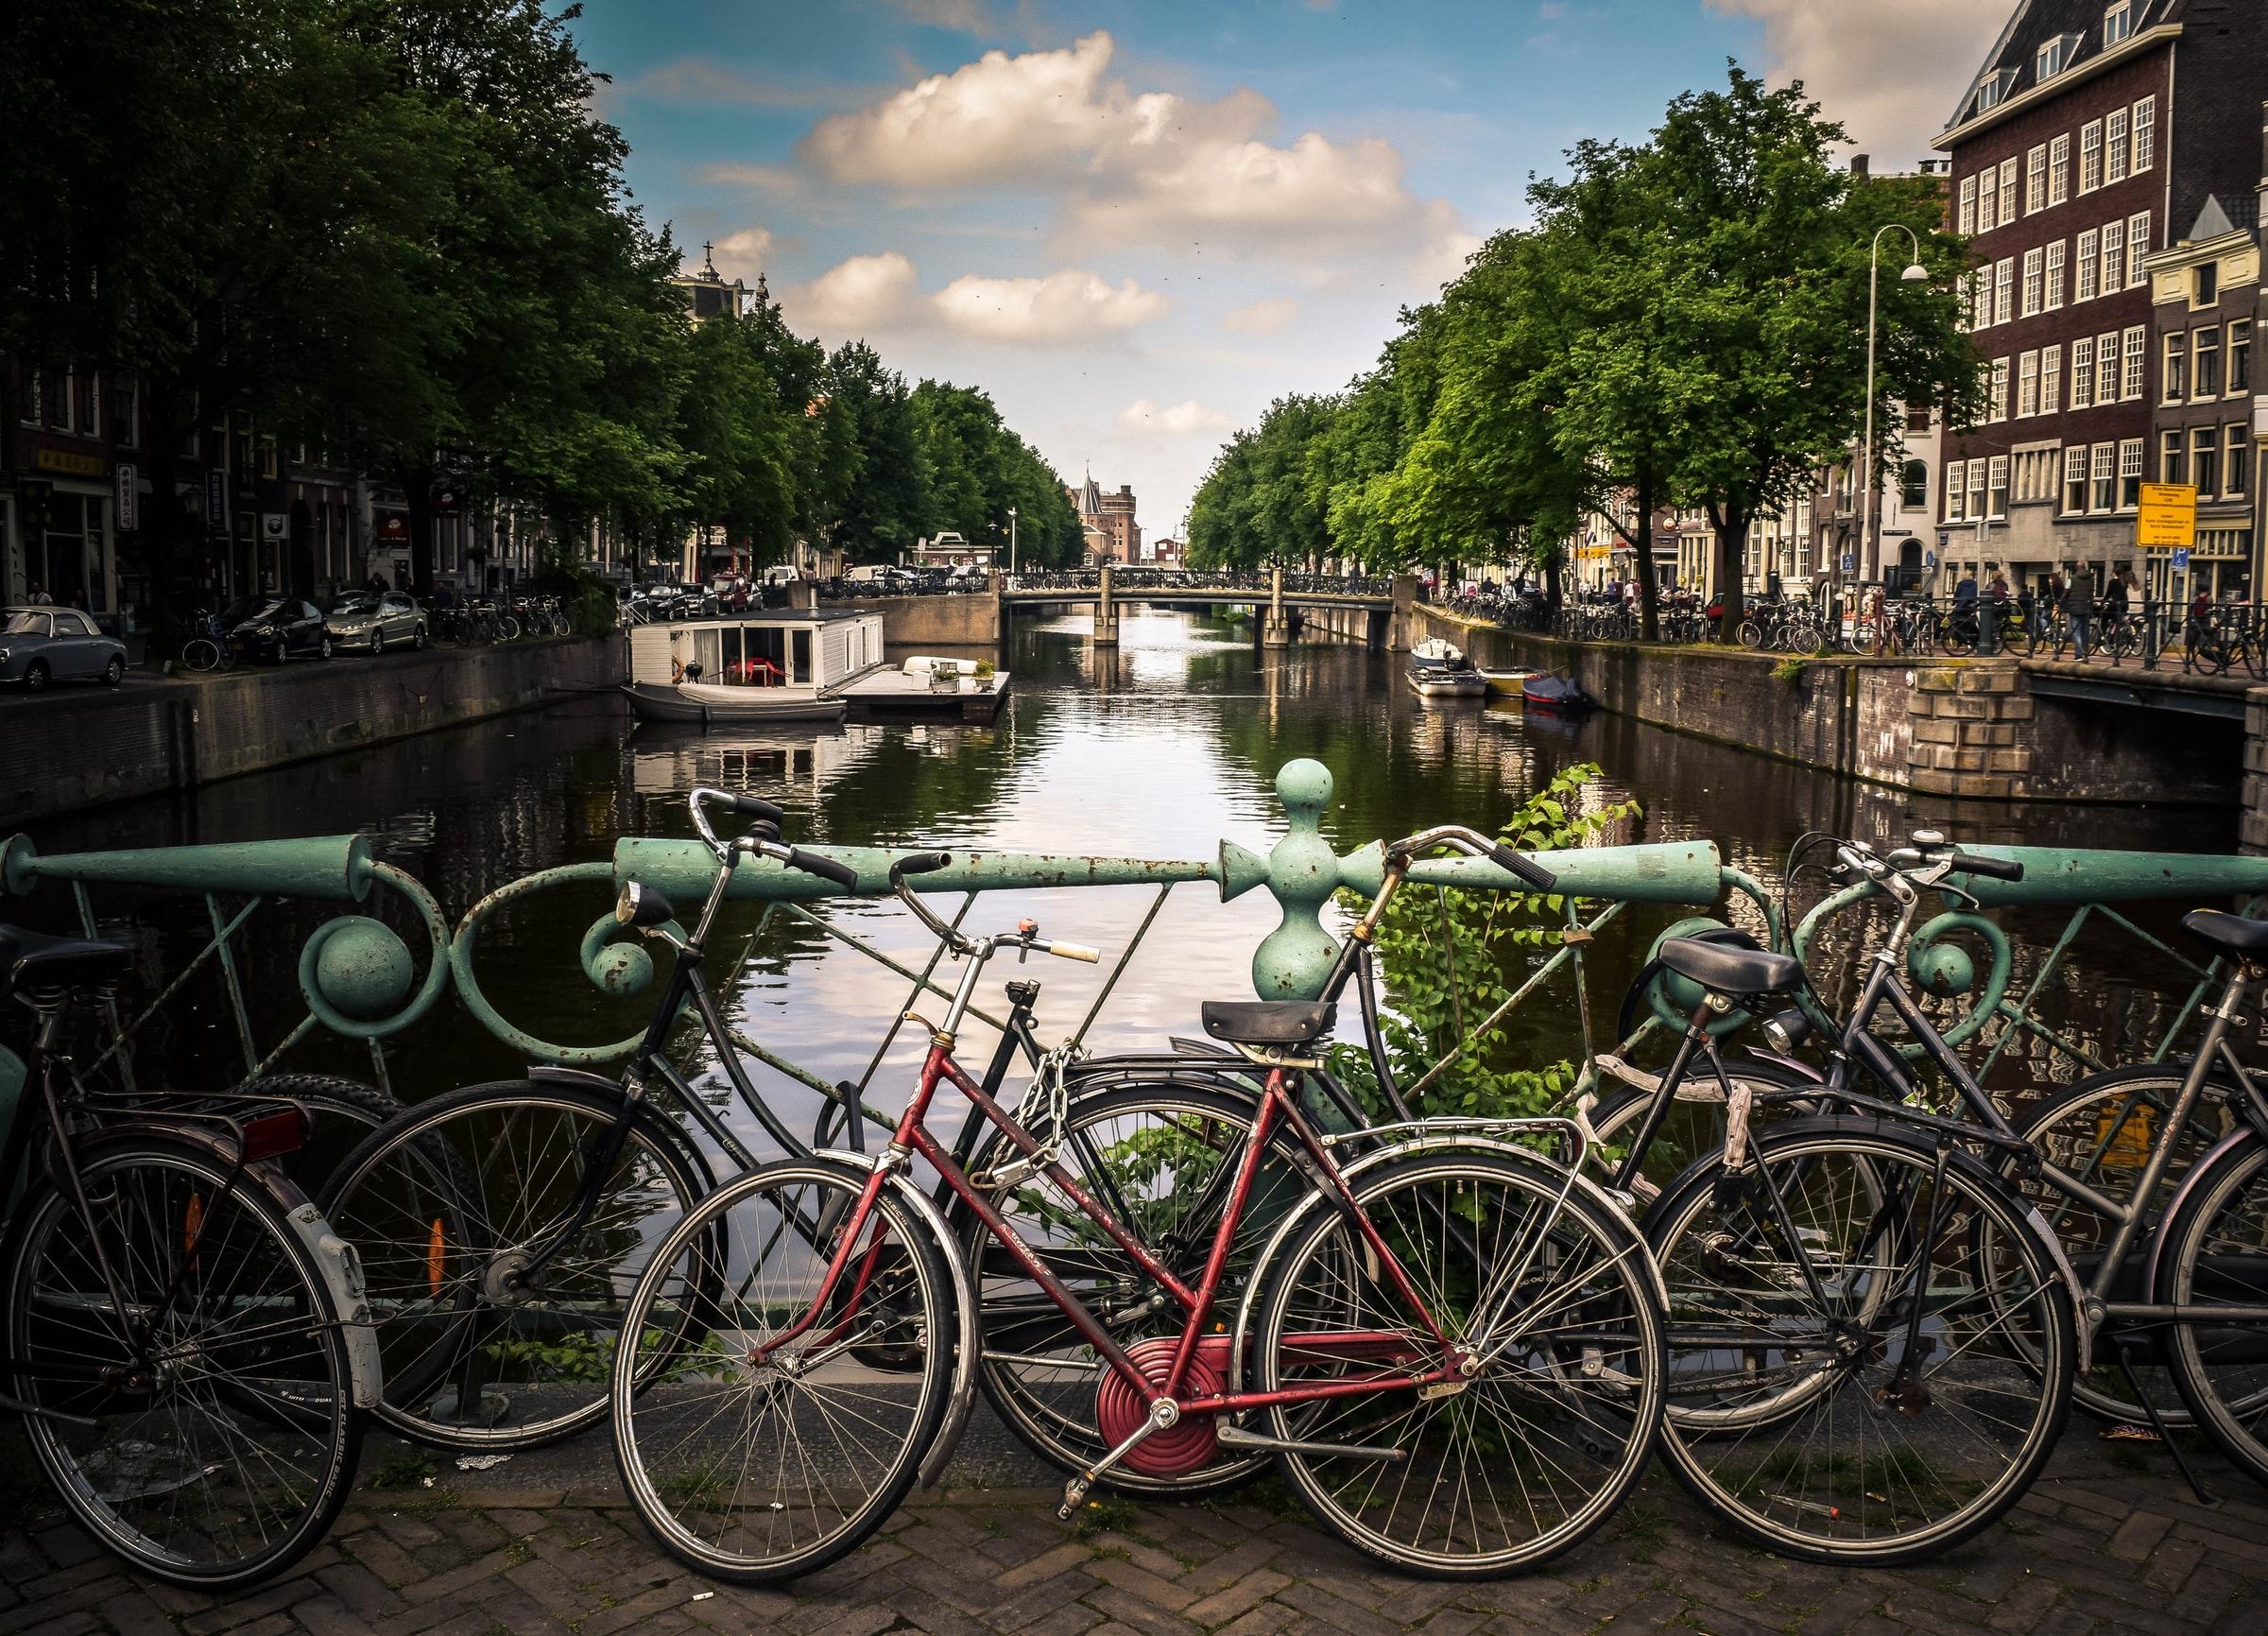 Typisch Amsterdam: Fahrräder, Brücken und Wasser